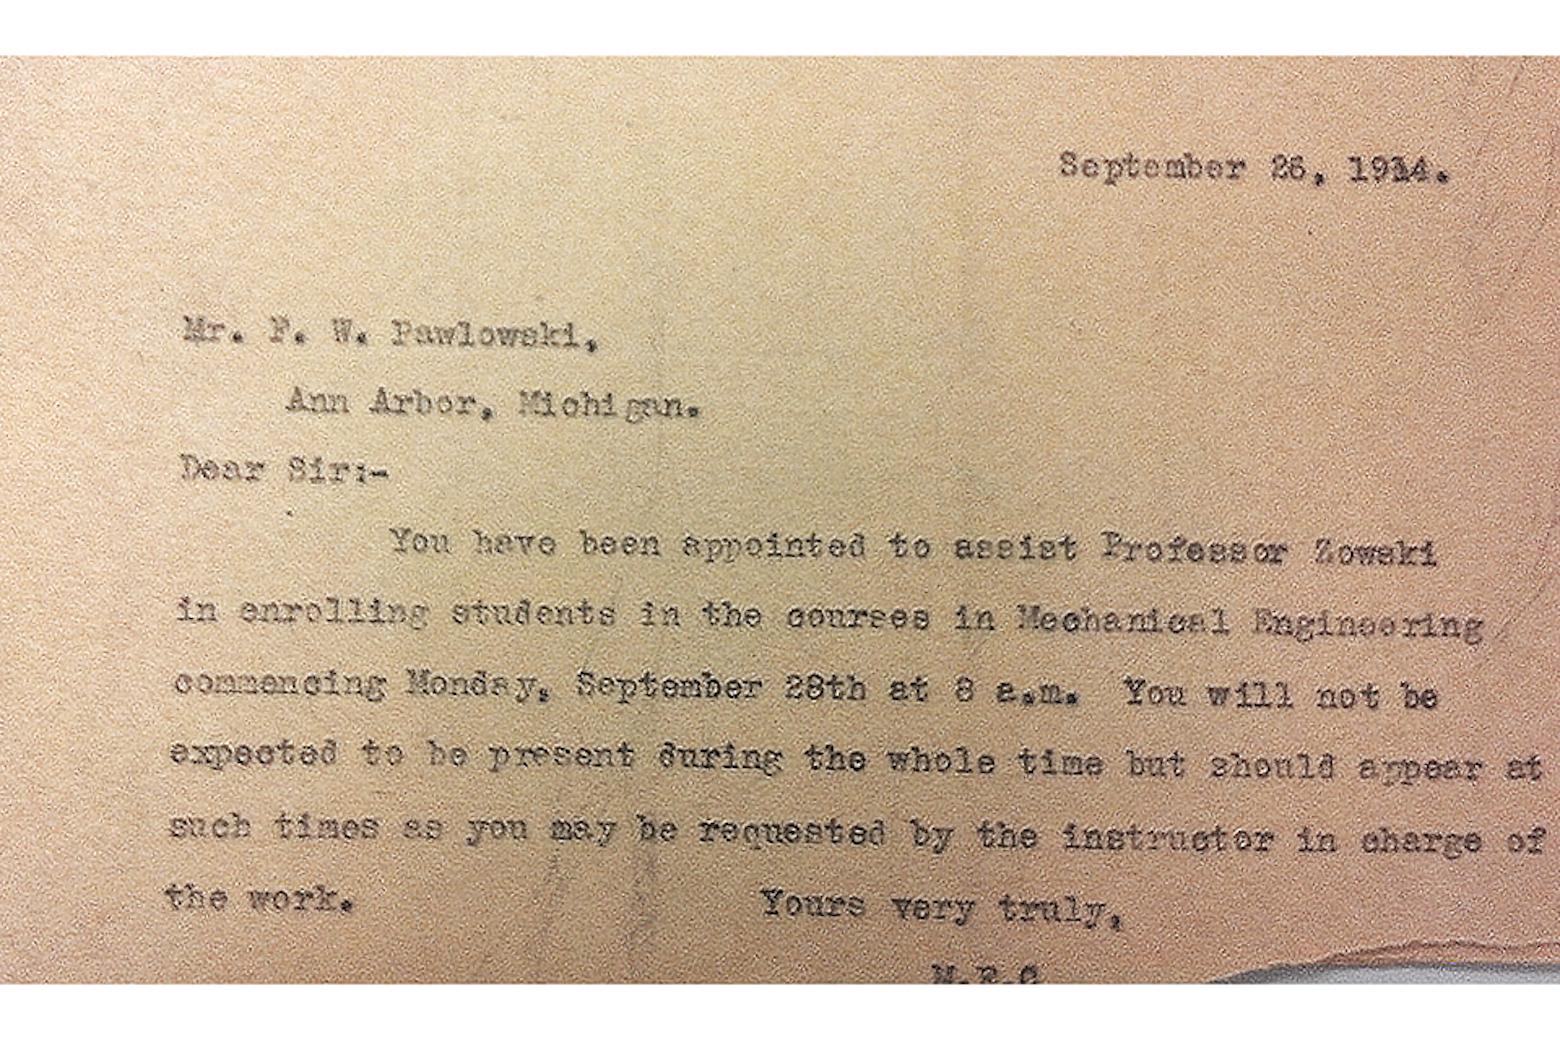 A typewriter written letter to Felix Pawlowski